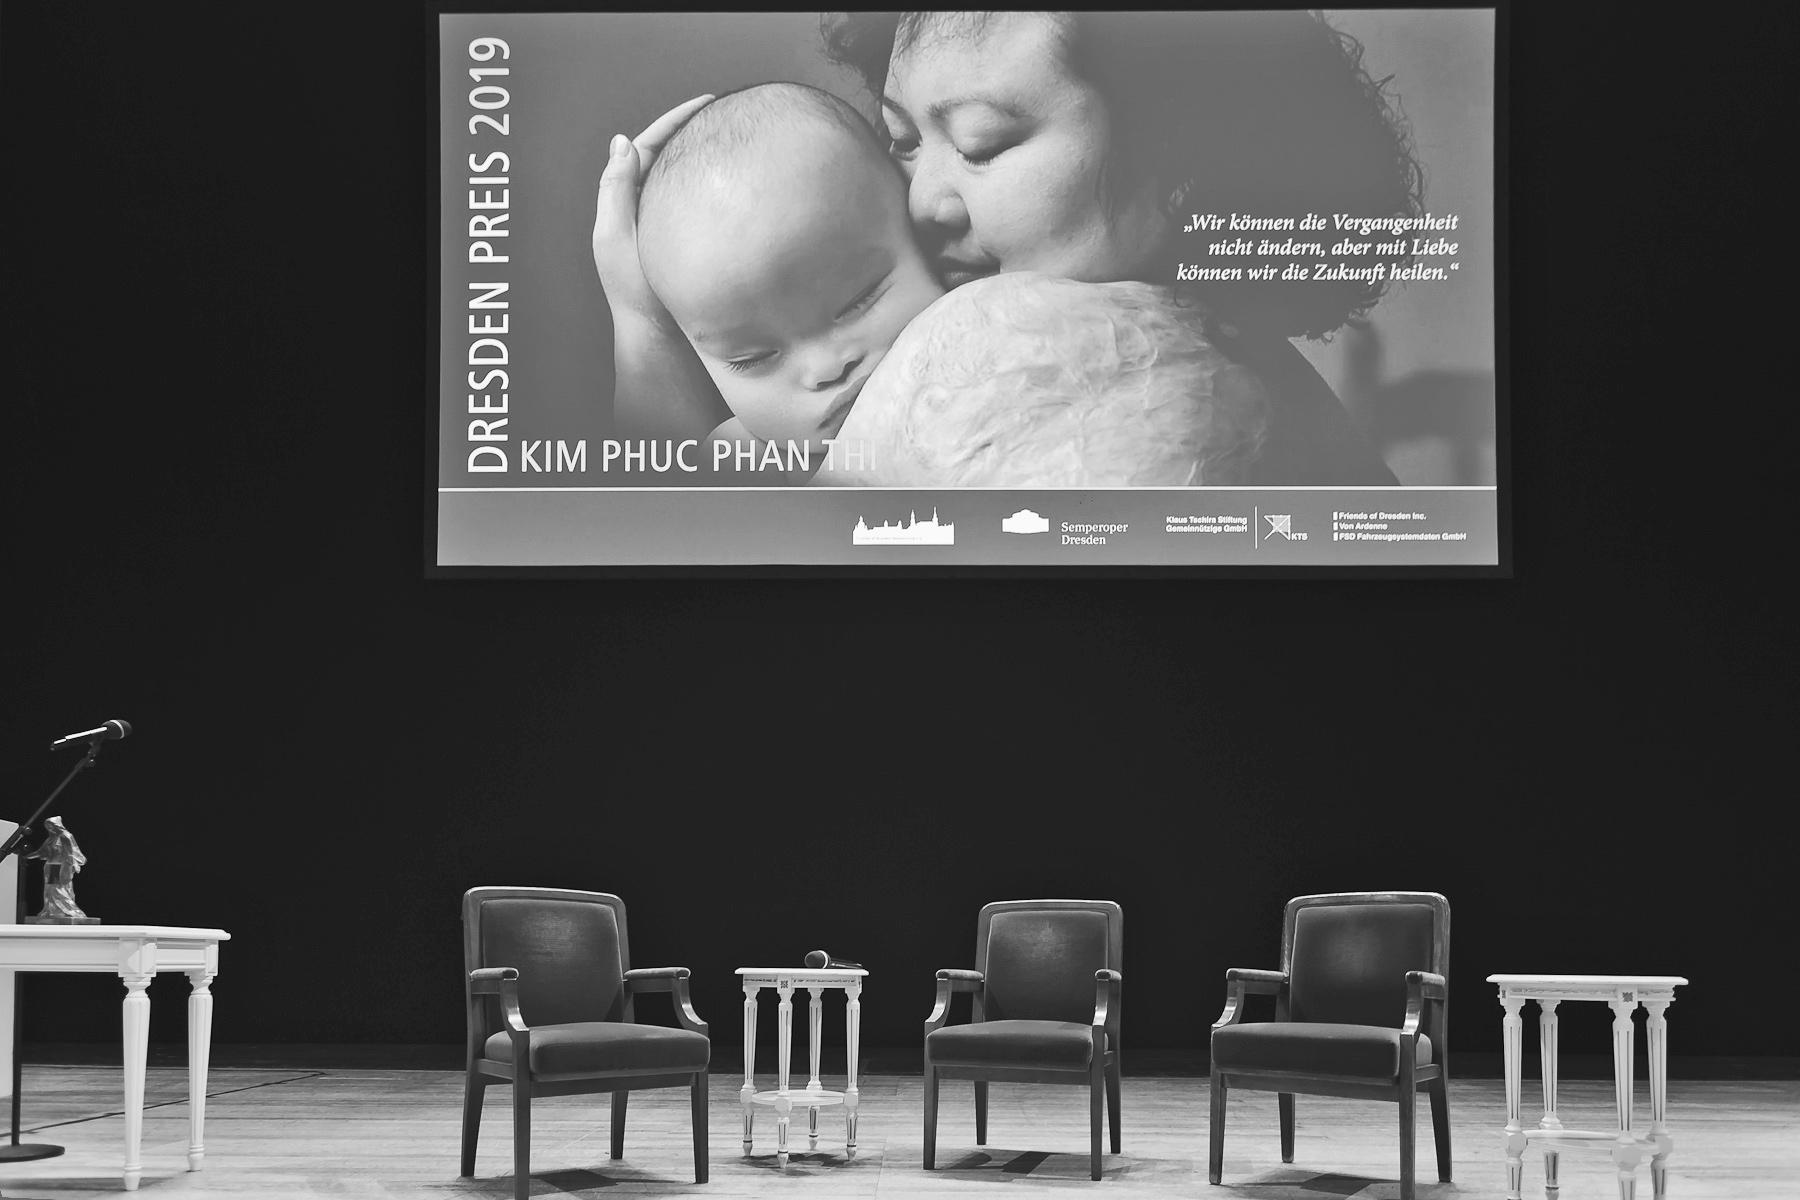 Dresdner Friedenspreis 2019